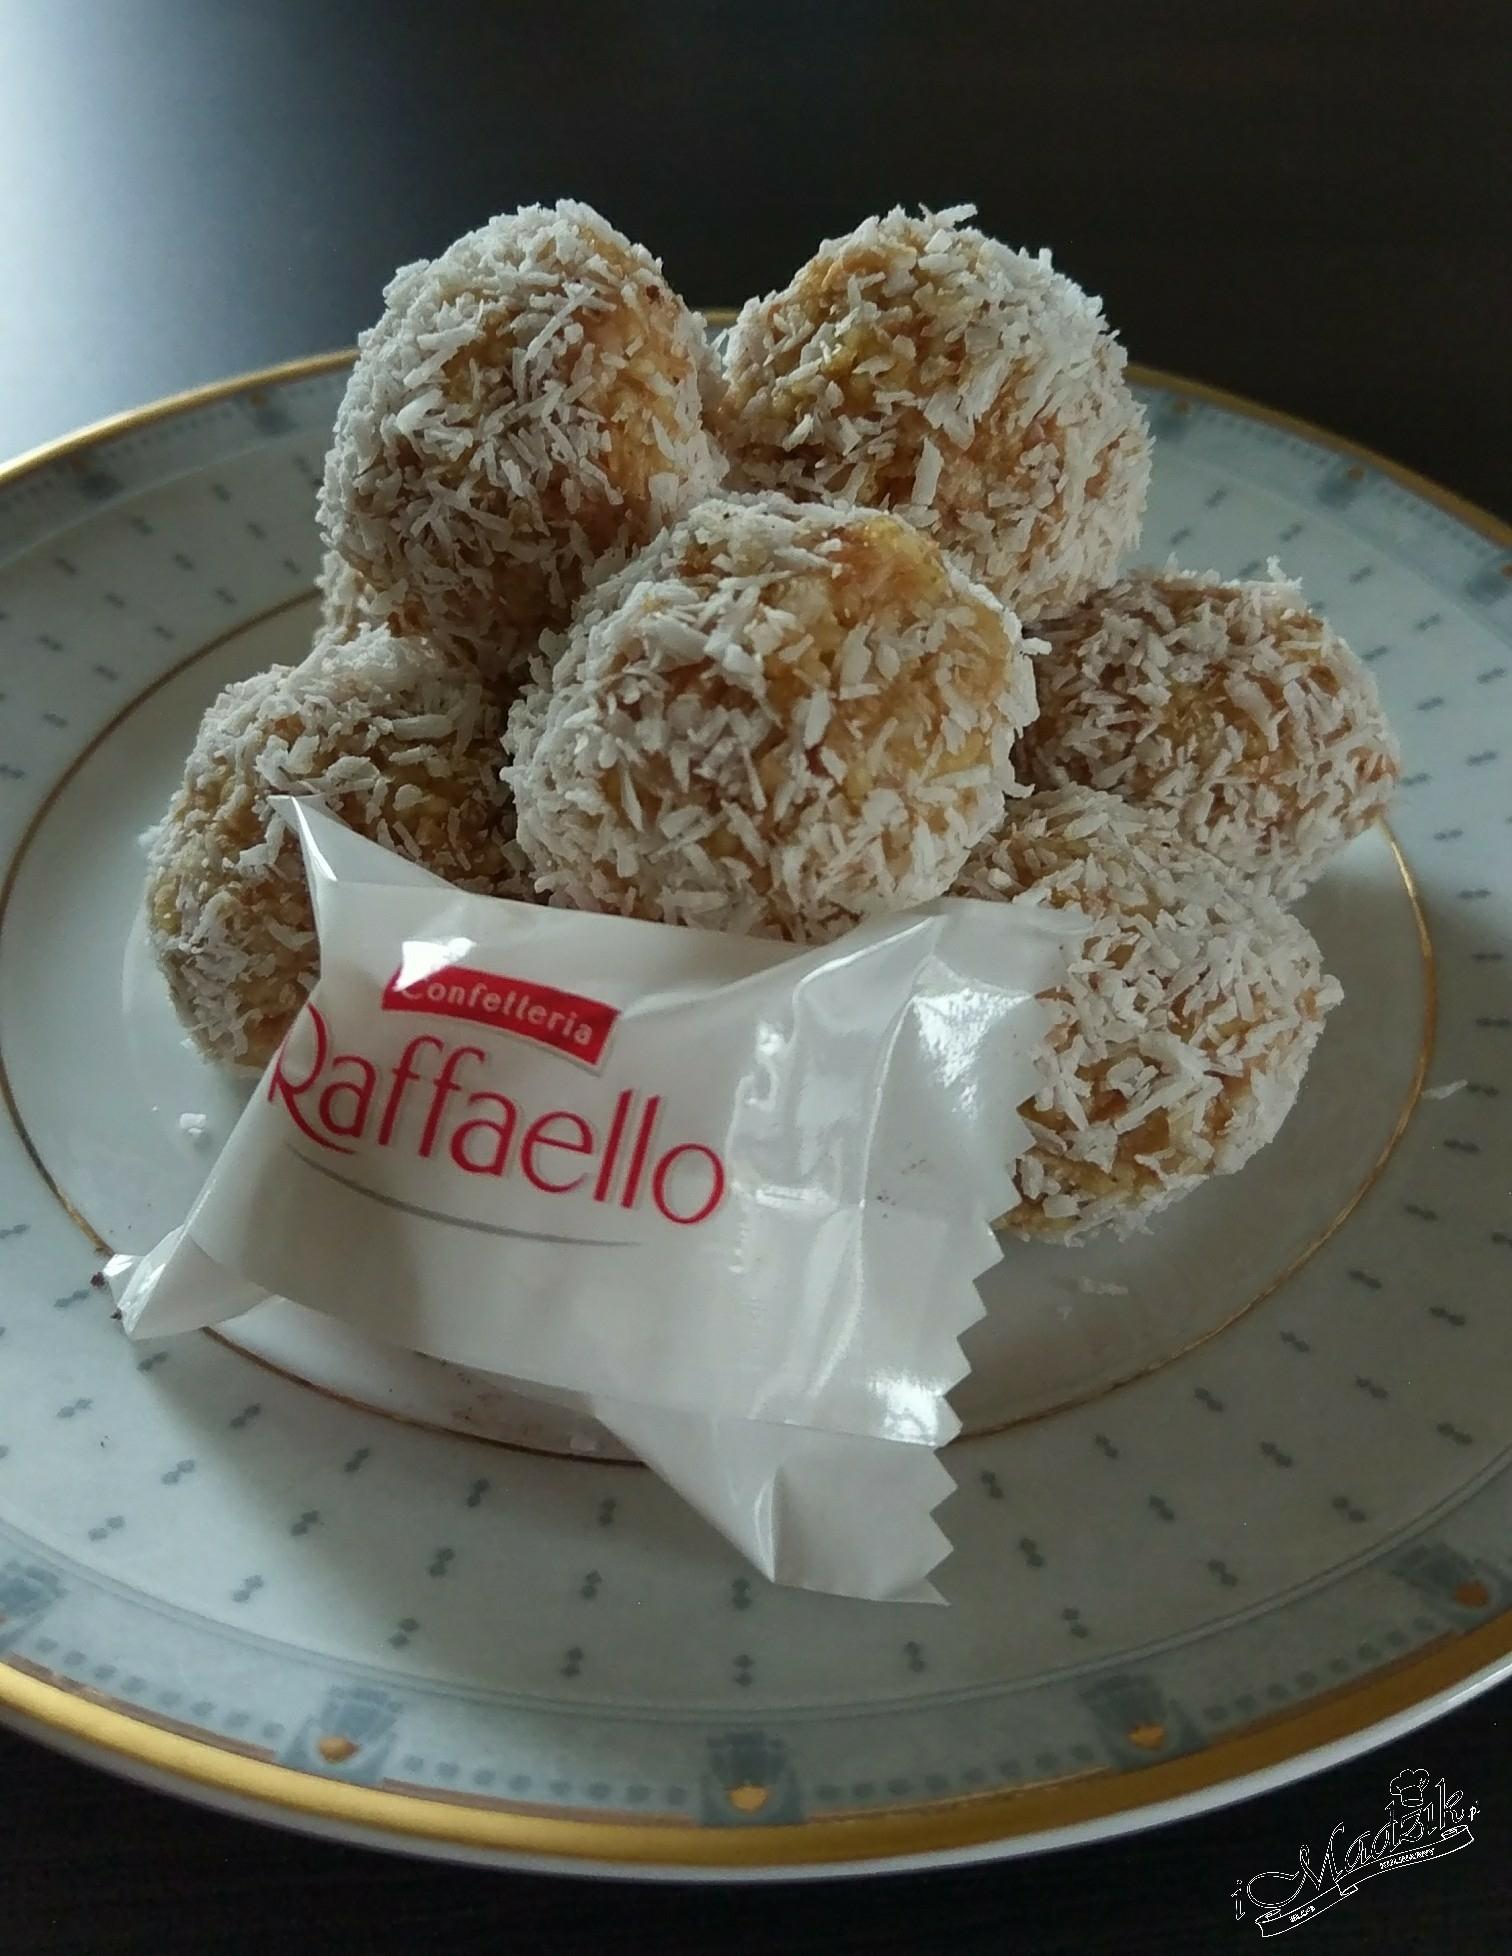 Raffaello z kaszy jaglanej